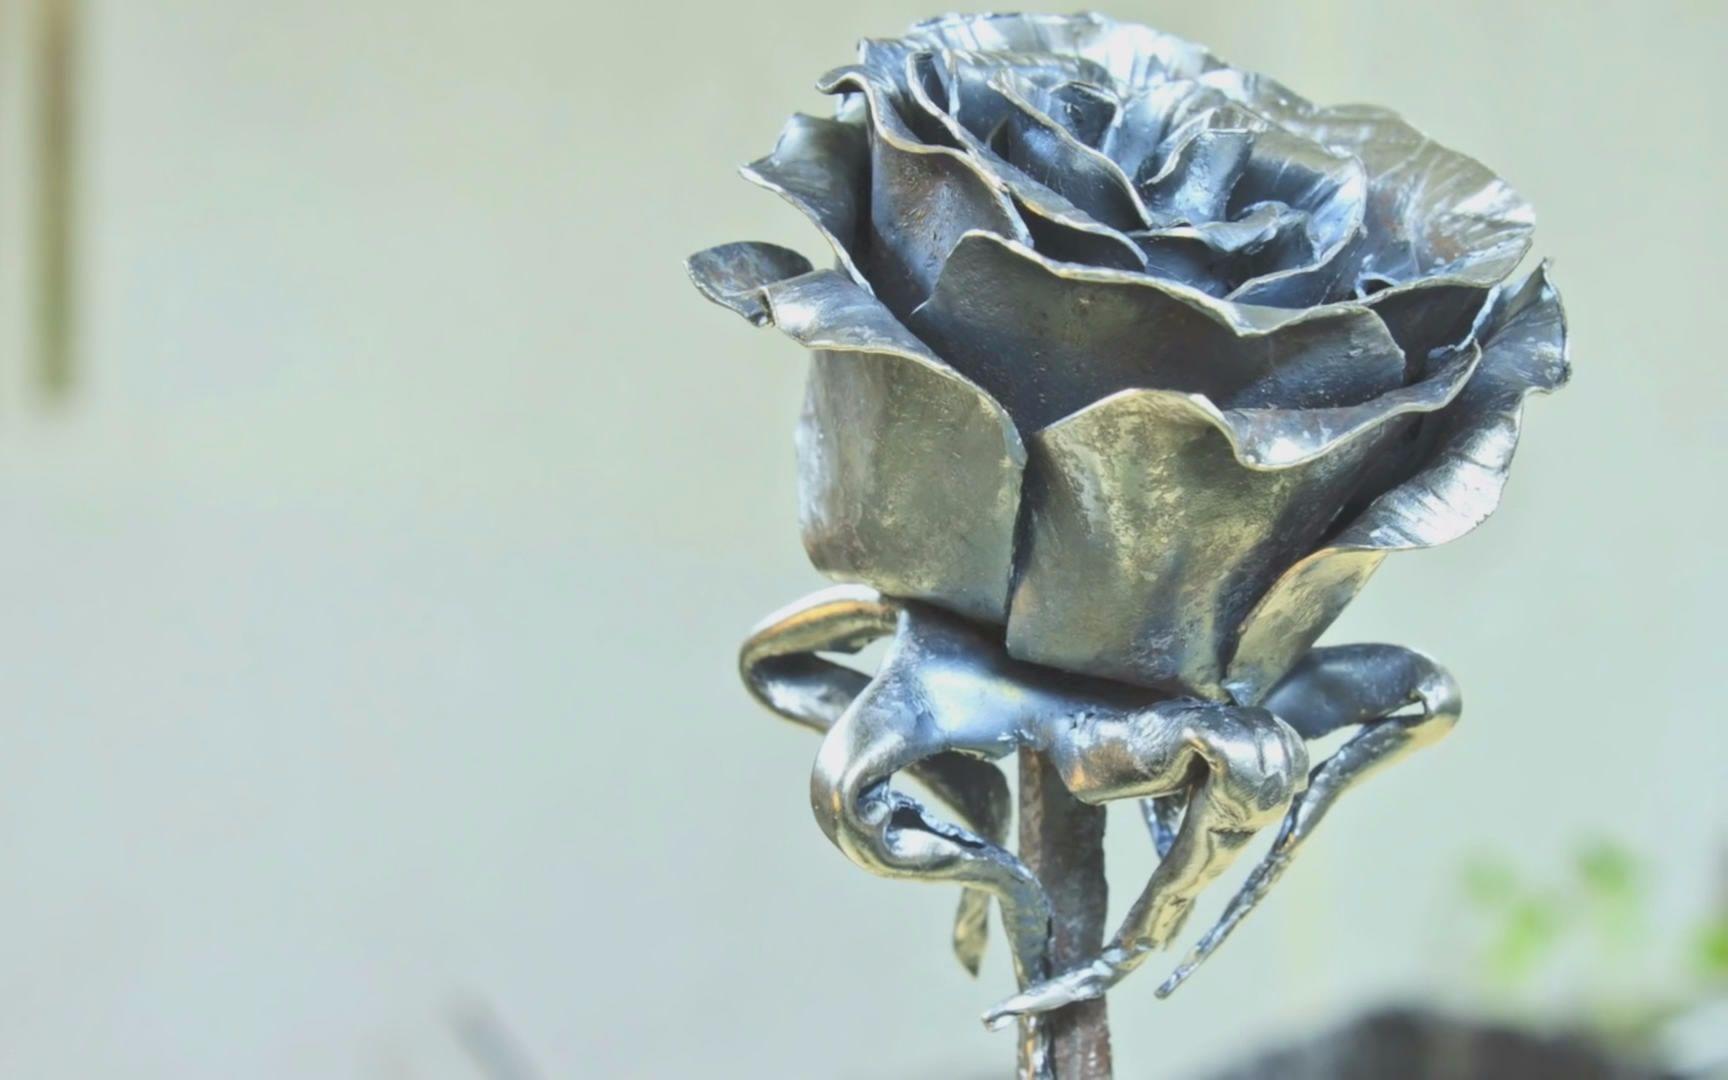 【铁匠】做一朵铁玫瑰